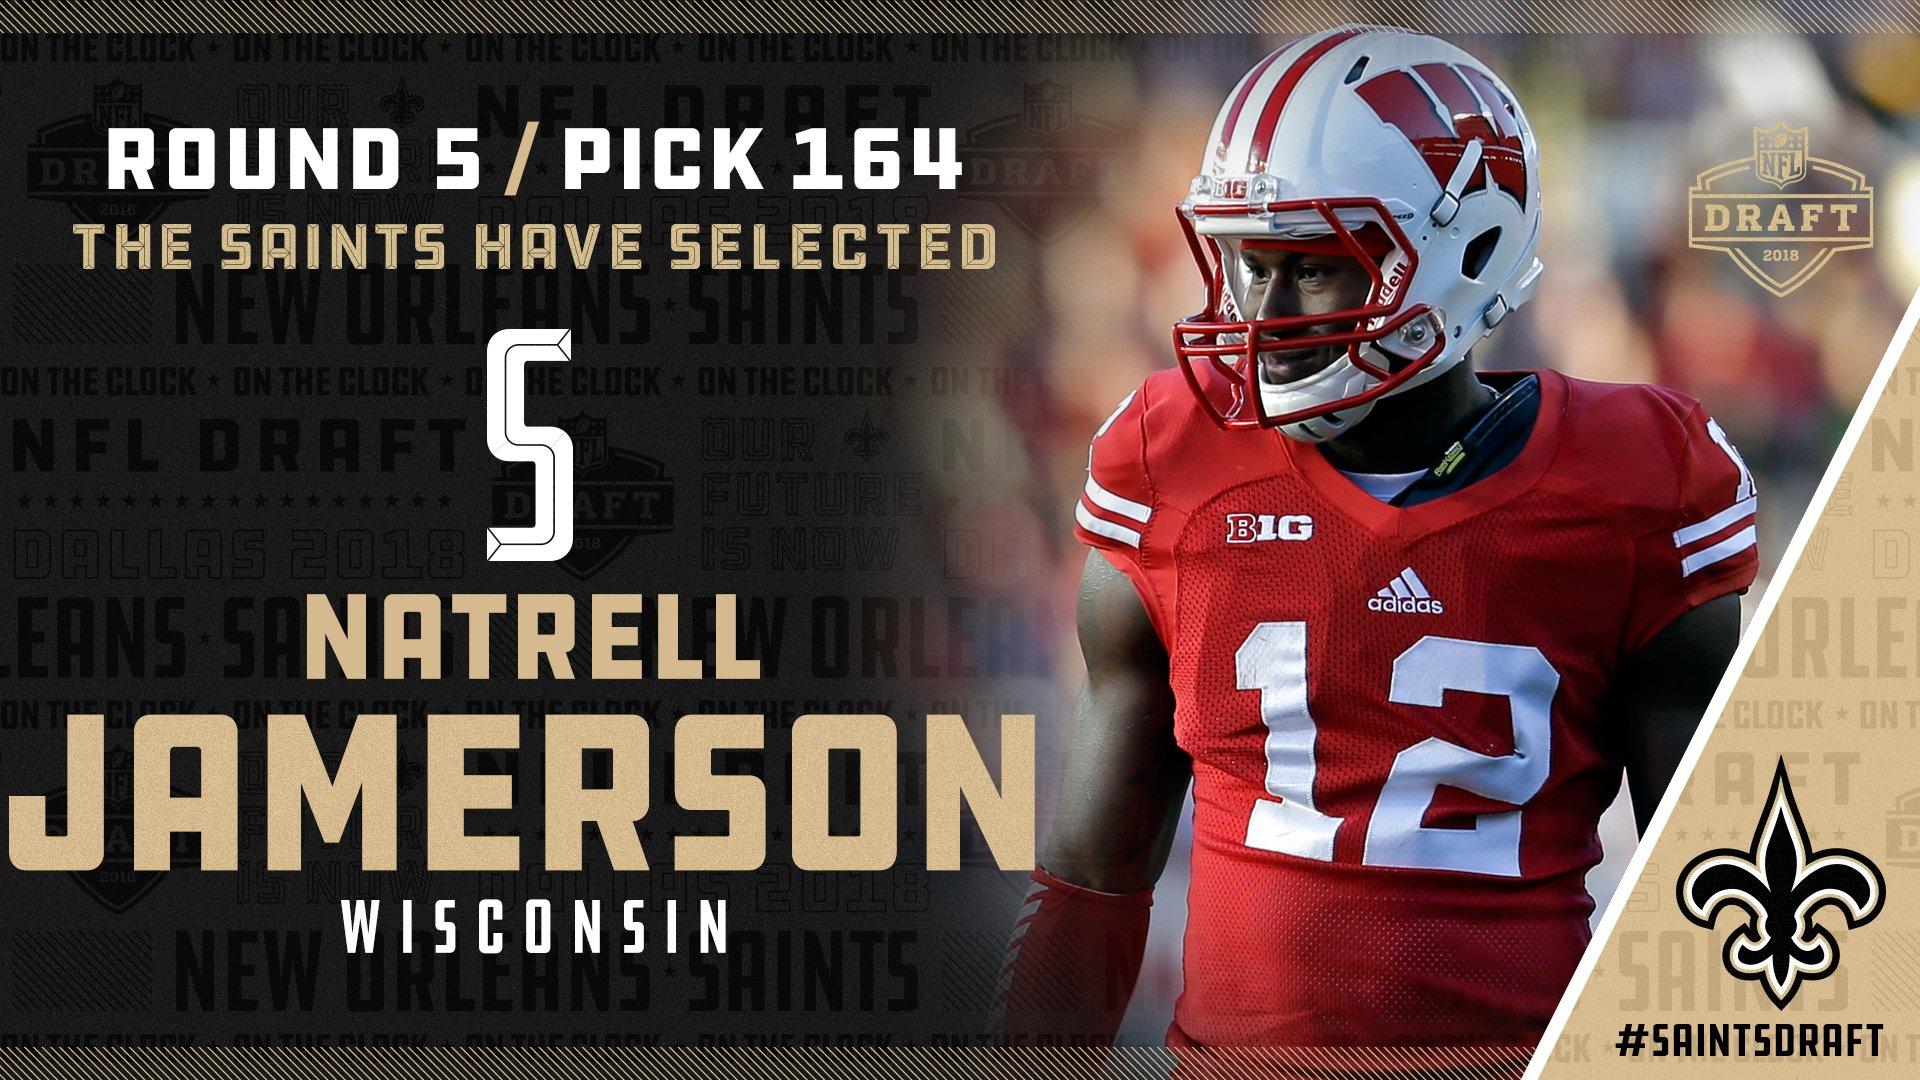 Natrell Jamerson Jersey